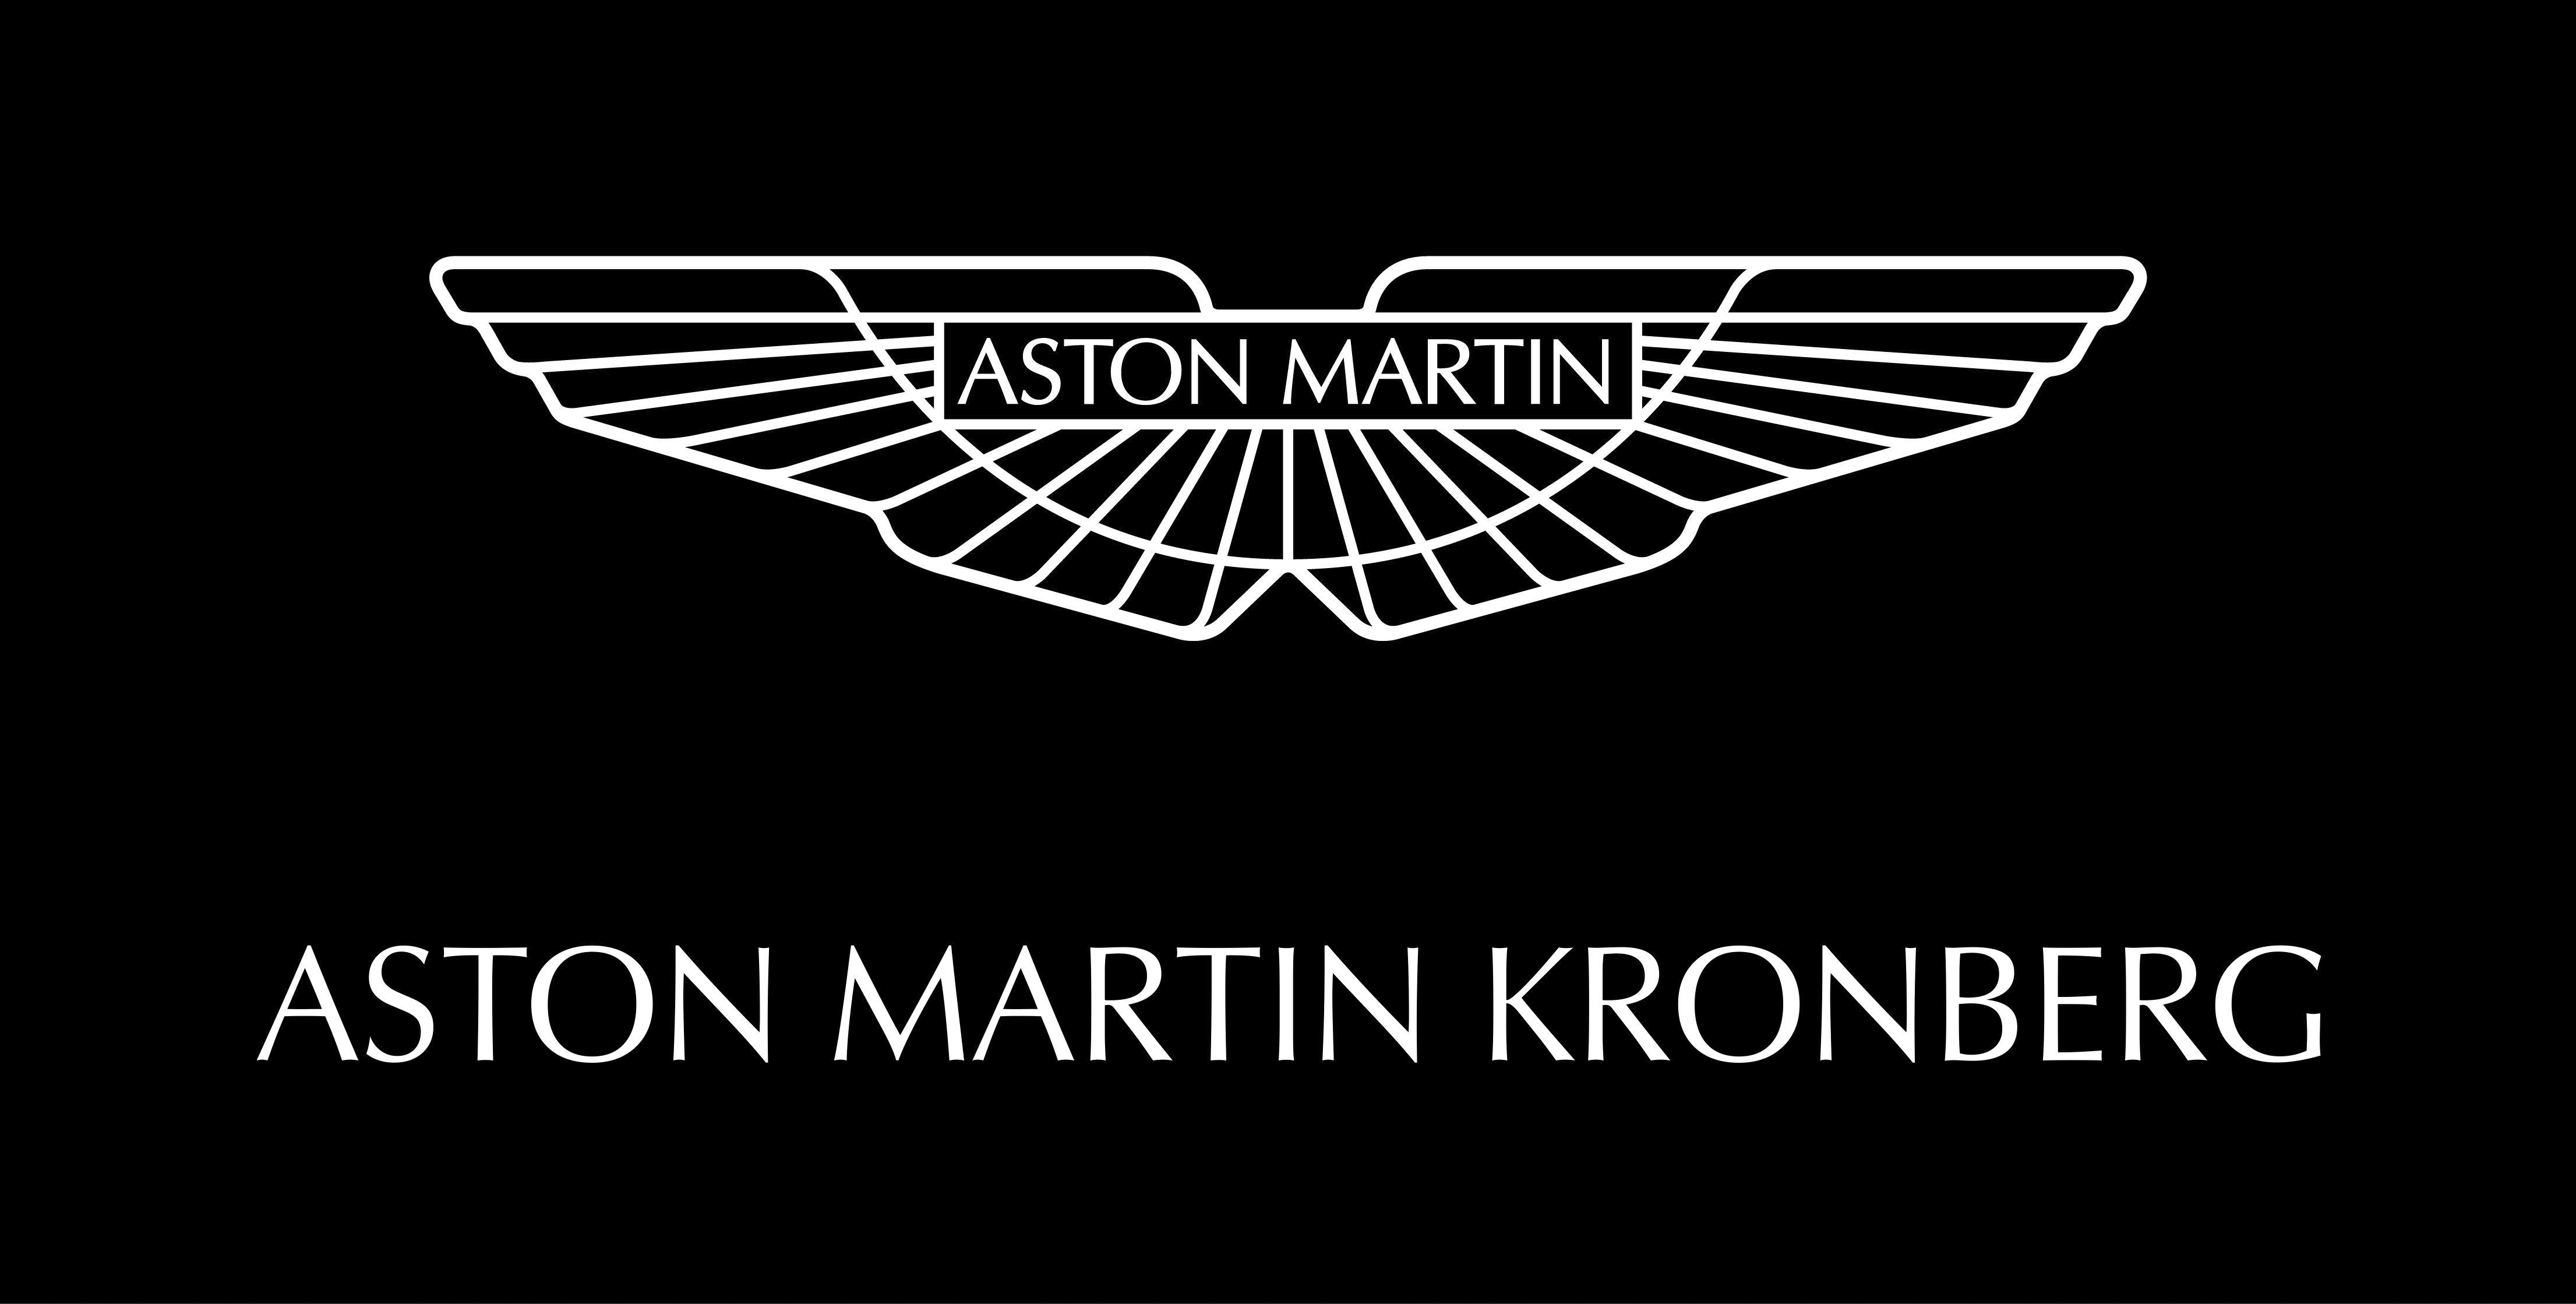 aston martin kronberg